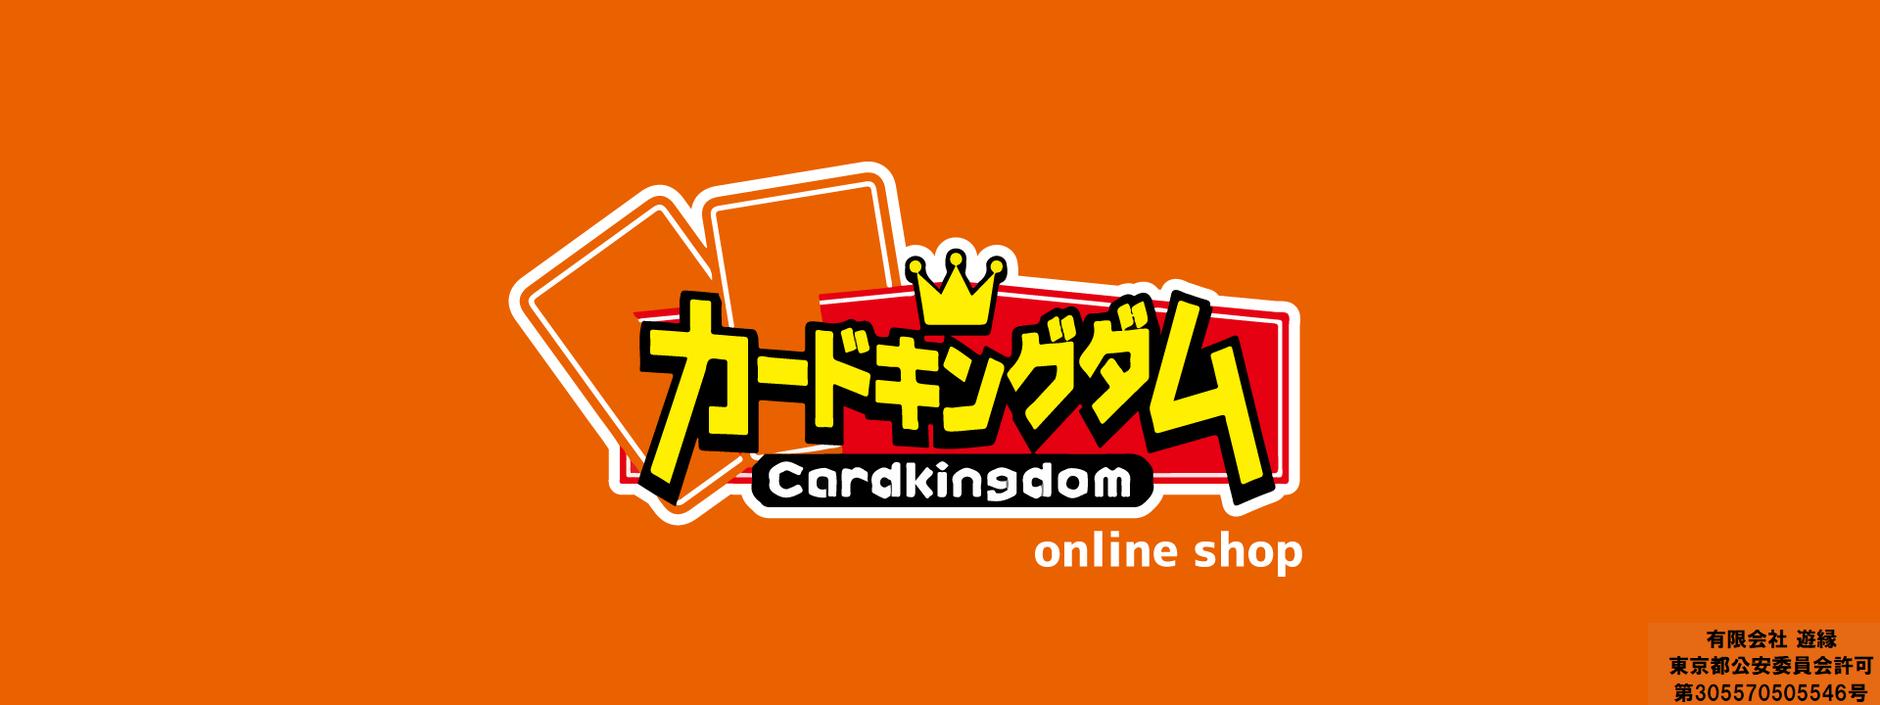 カードキングダム オンラインショップ